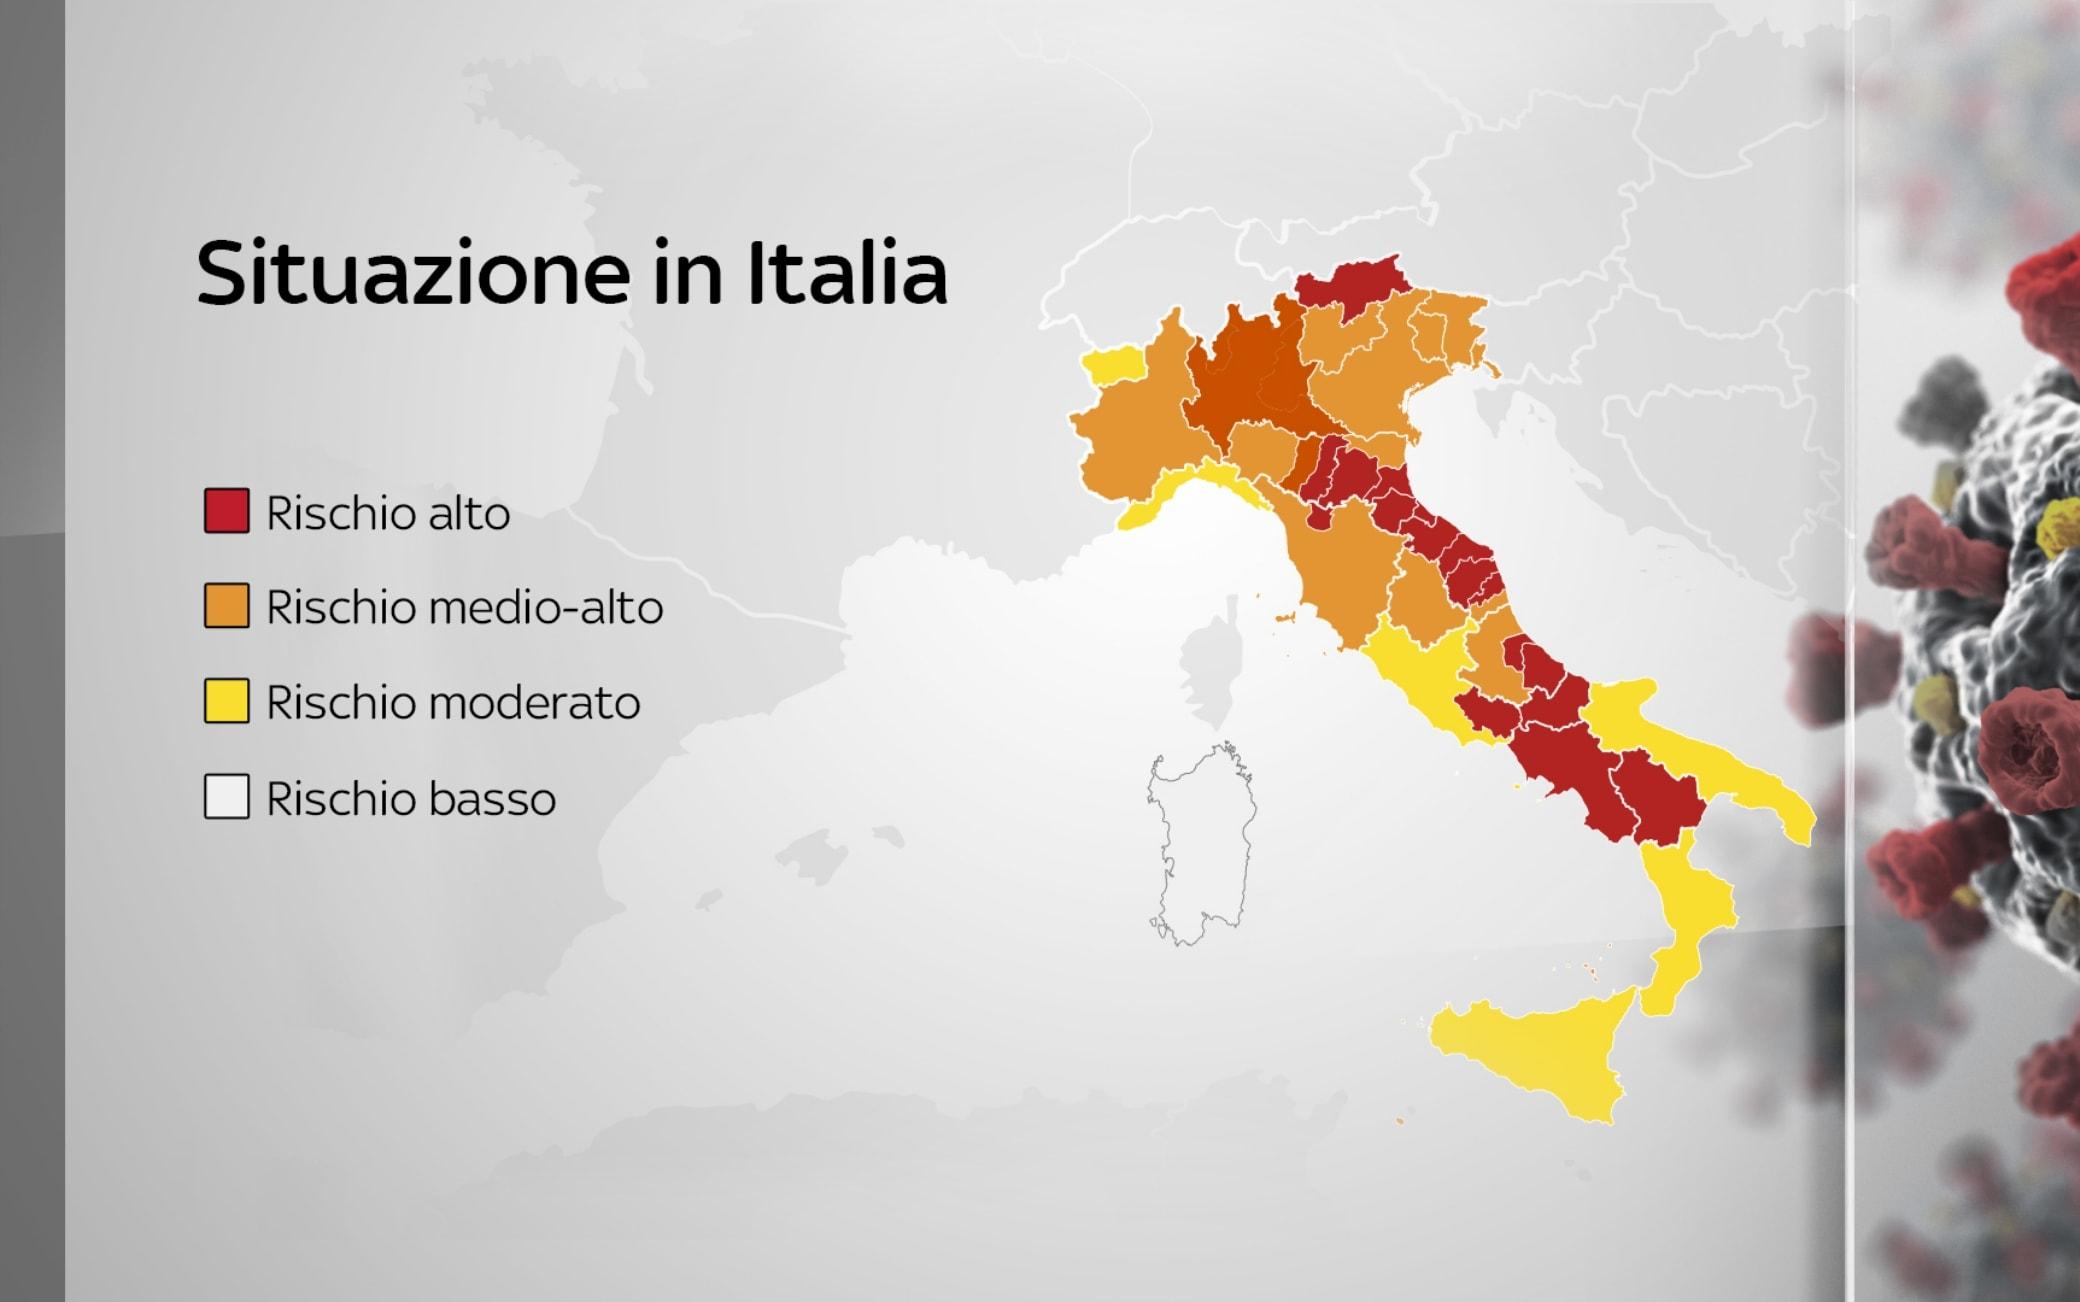 Cartina Italia E Province.Covid Tra Zone Rosse E Arancioni Scuro La Mappa Delle Restrizioni Locali In Italia Sky Tg24